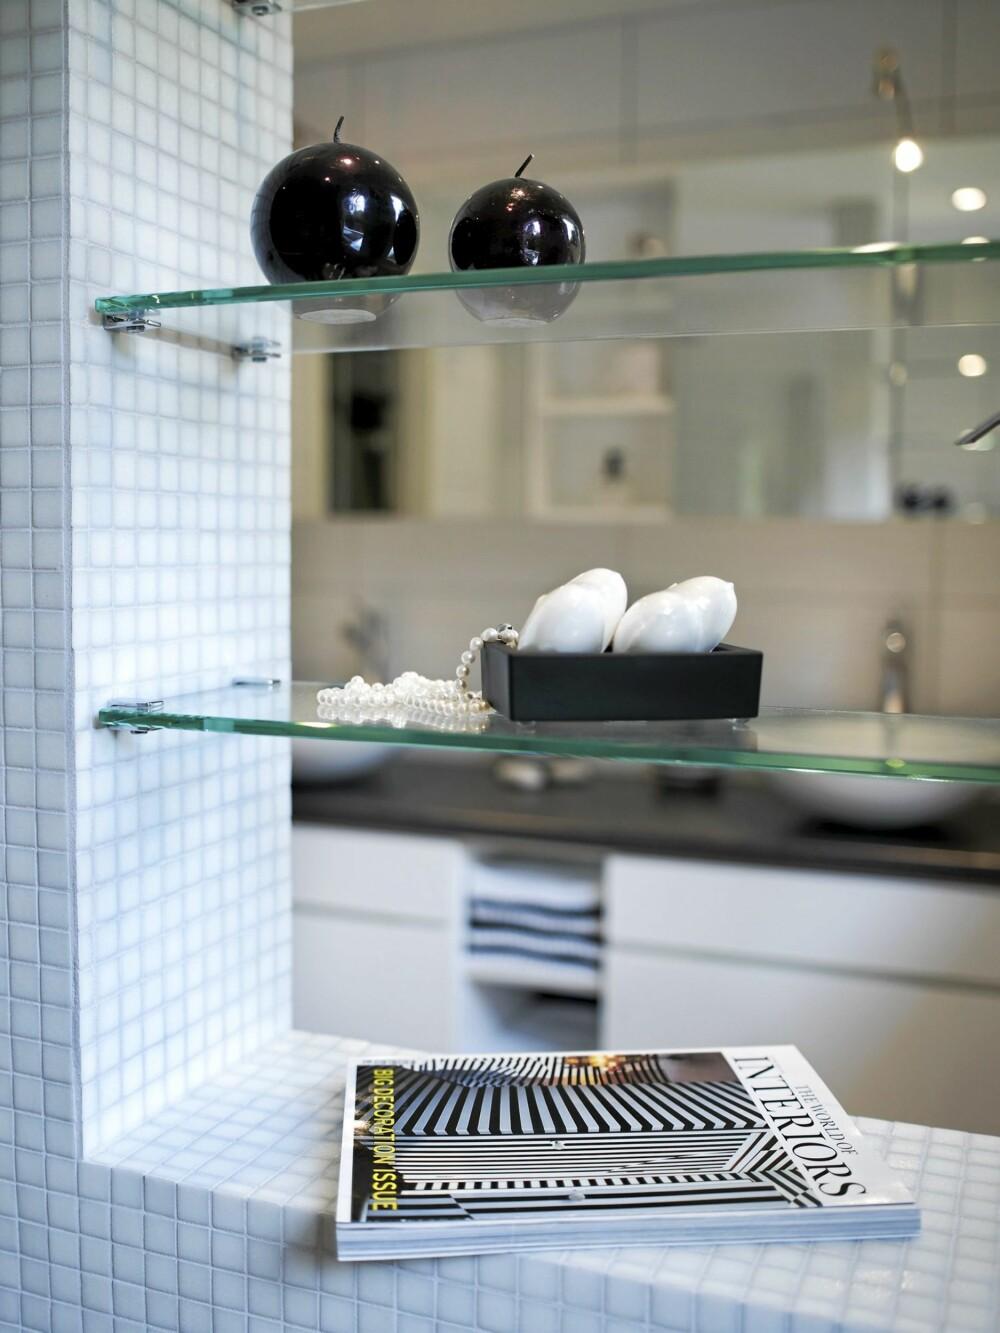 VINDU I VEGGEN: For å ivareta siktlinjer og øke lysgjennomstrømningen er den øverste delen av halvveggen åpen. Her er det satt inn glasshyller for oppbevaring av dekorative bruksgjenstander.